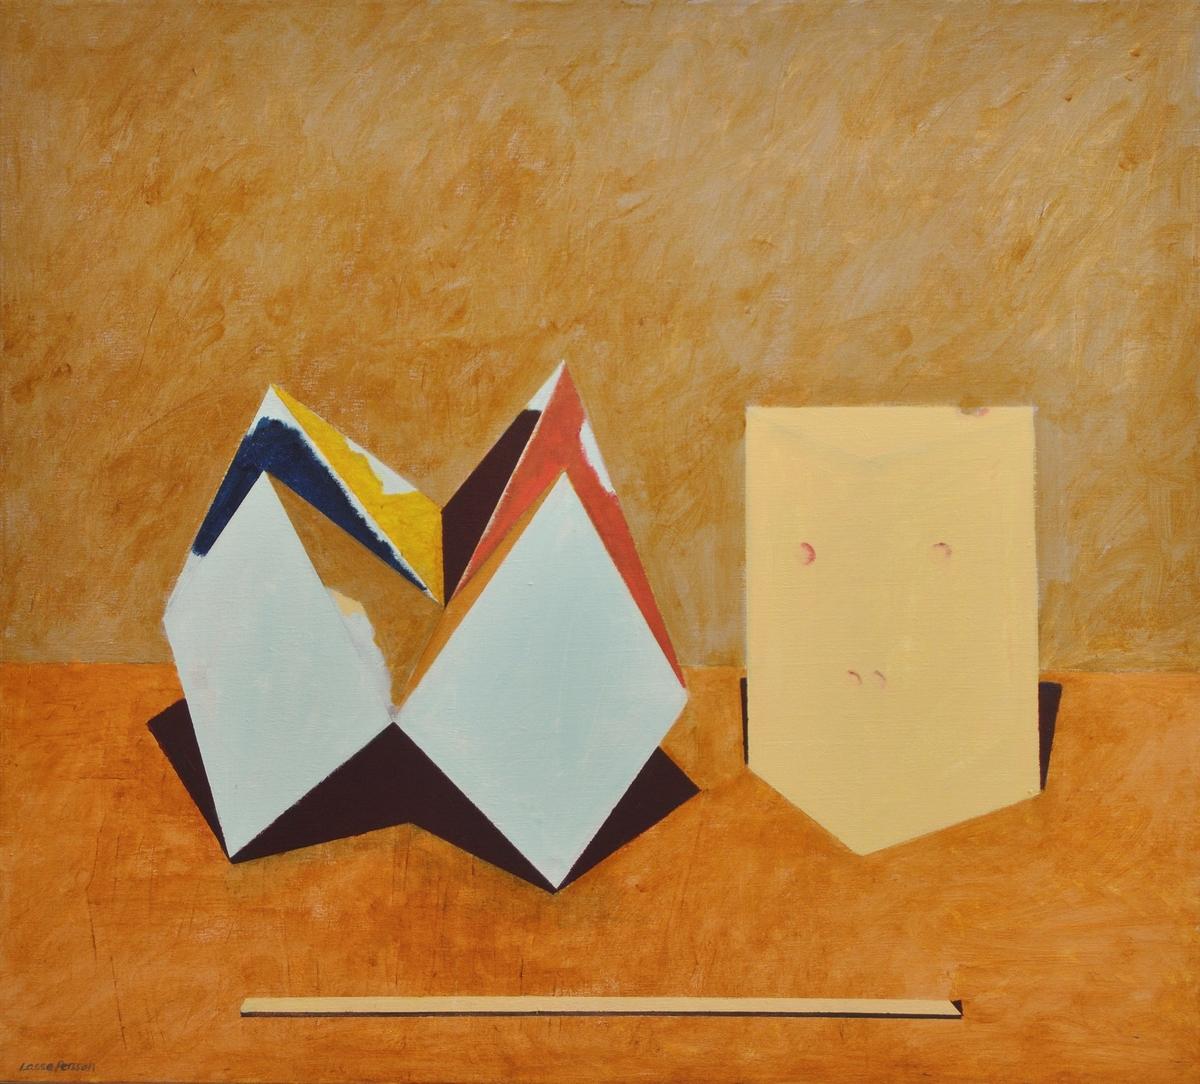 """Tavla med spännram. Akryl på duk. """"Tre udda ting"""" 1986. Från höger avbildande en gul ost, en blå-röd-gul-brun loppfångare, och i bildens nederkant en gul ribba. De geometriskt uppbyggda föremålen står på brun yta. Fonden ljusbrun."""